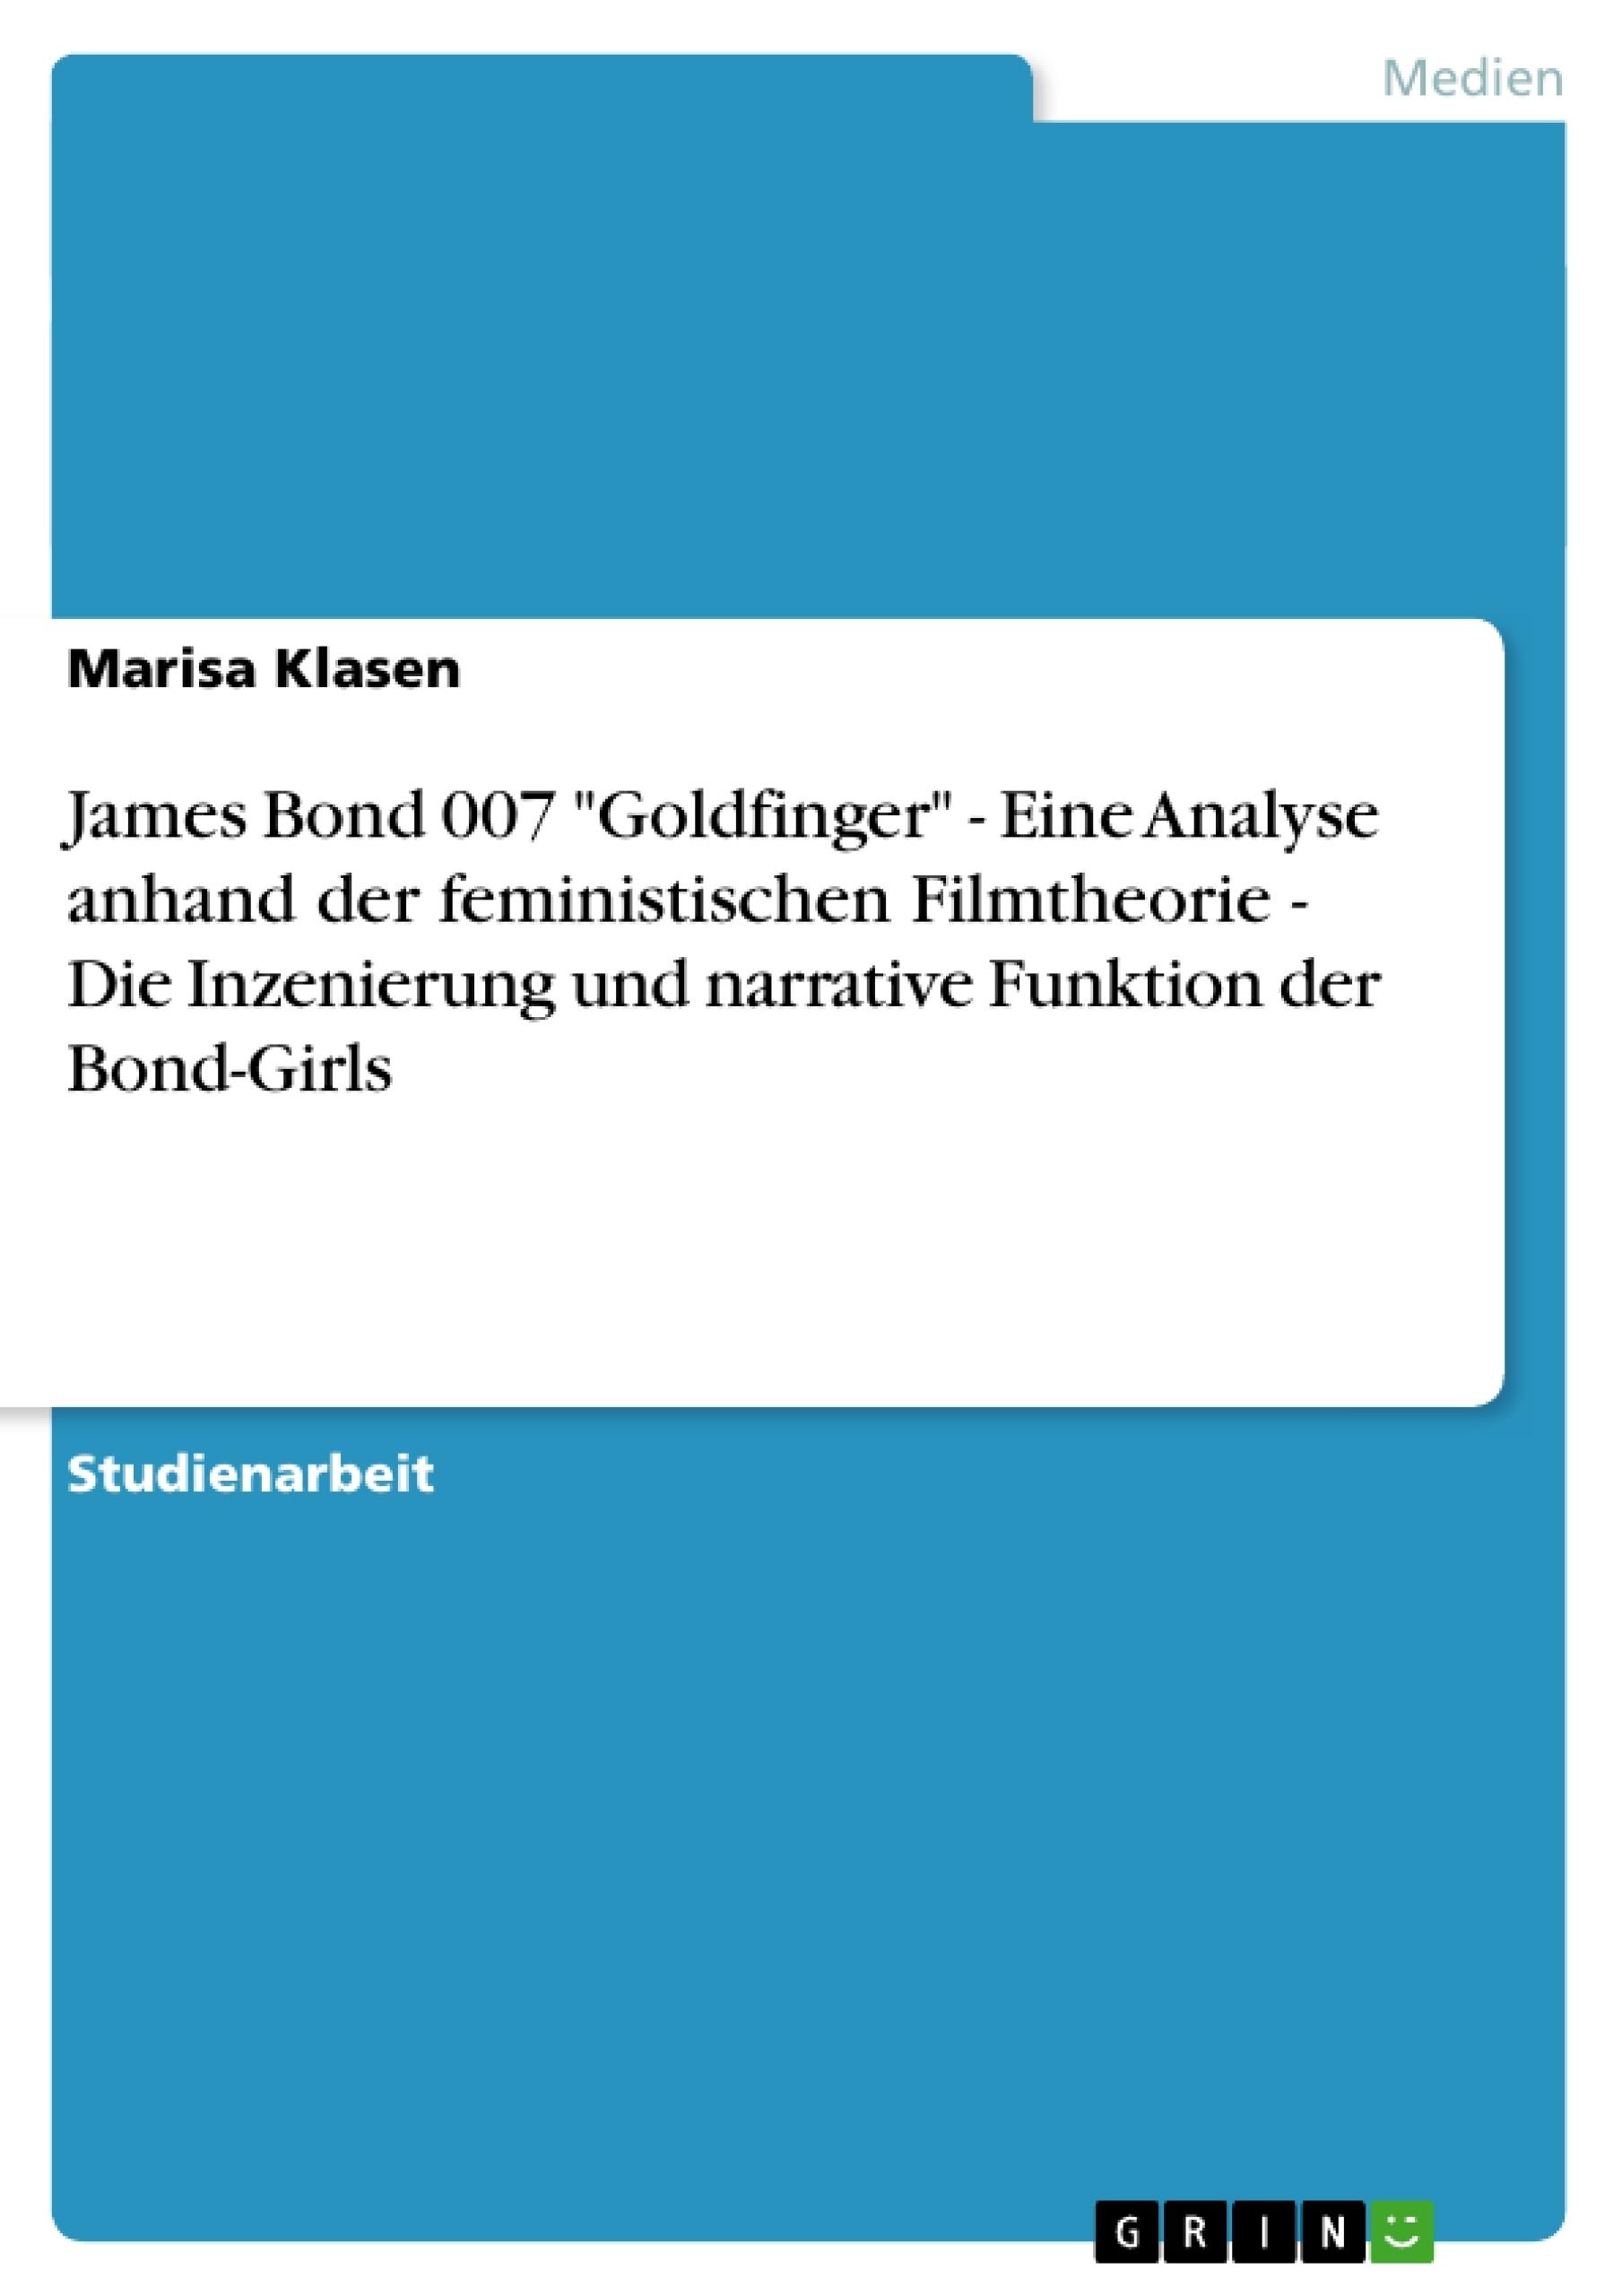 """Titel: James Bond 007 """"Goldfinger"""" - Eine Analyse anhand der feministischen Filmtheorie - Die Inzenierung und narrative Funktion der Bond-Girls"""